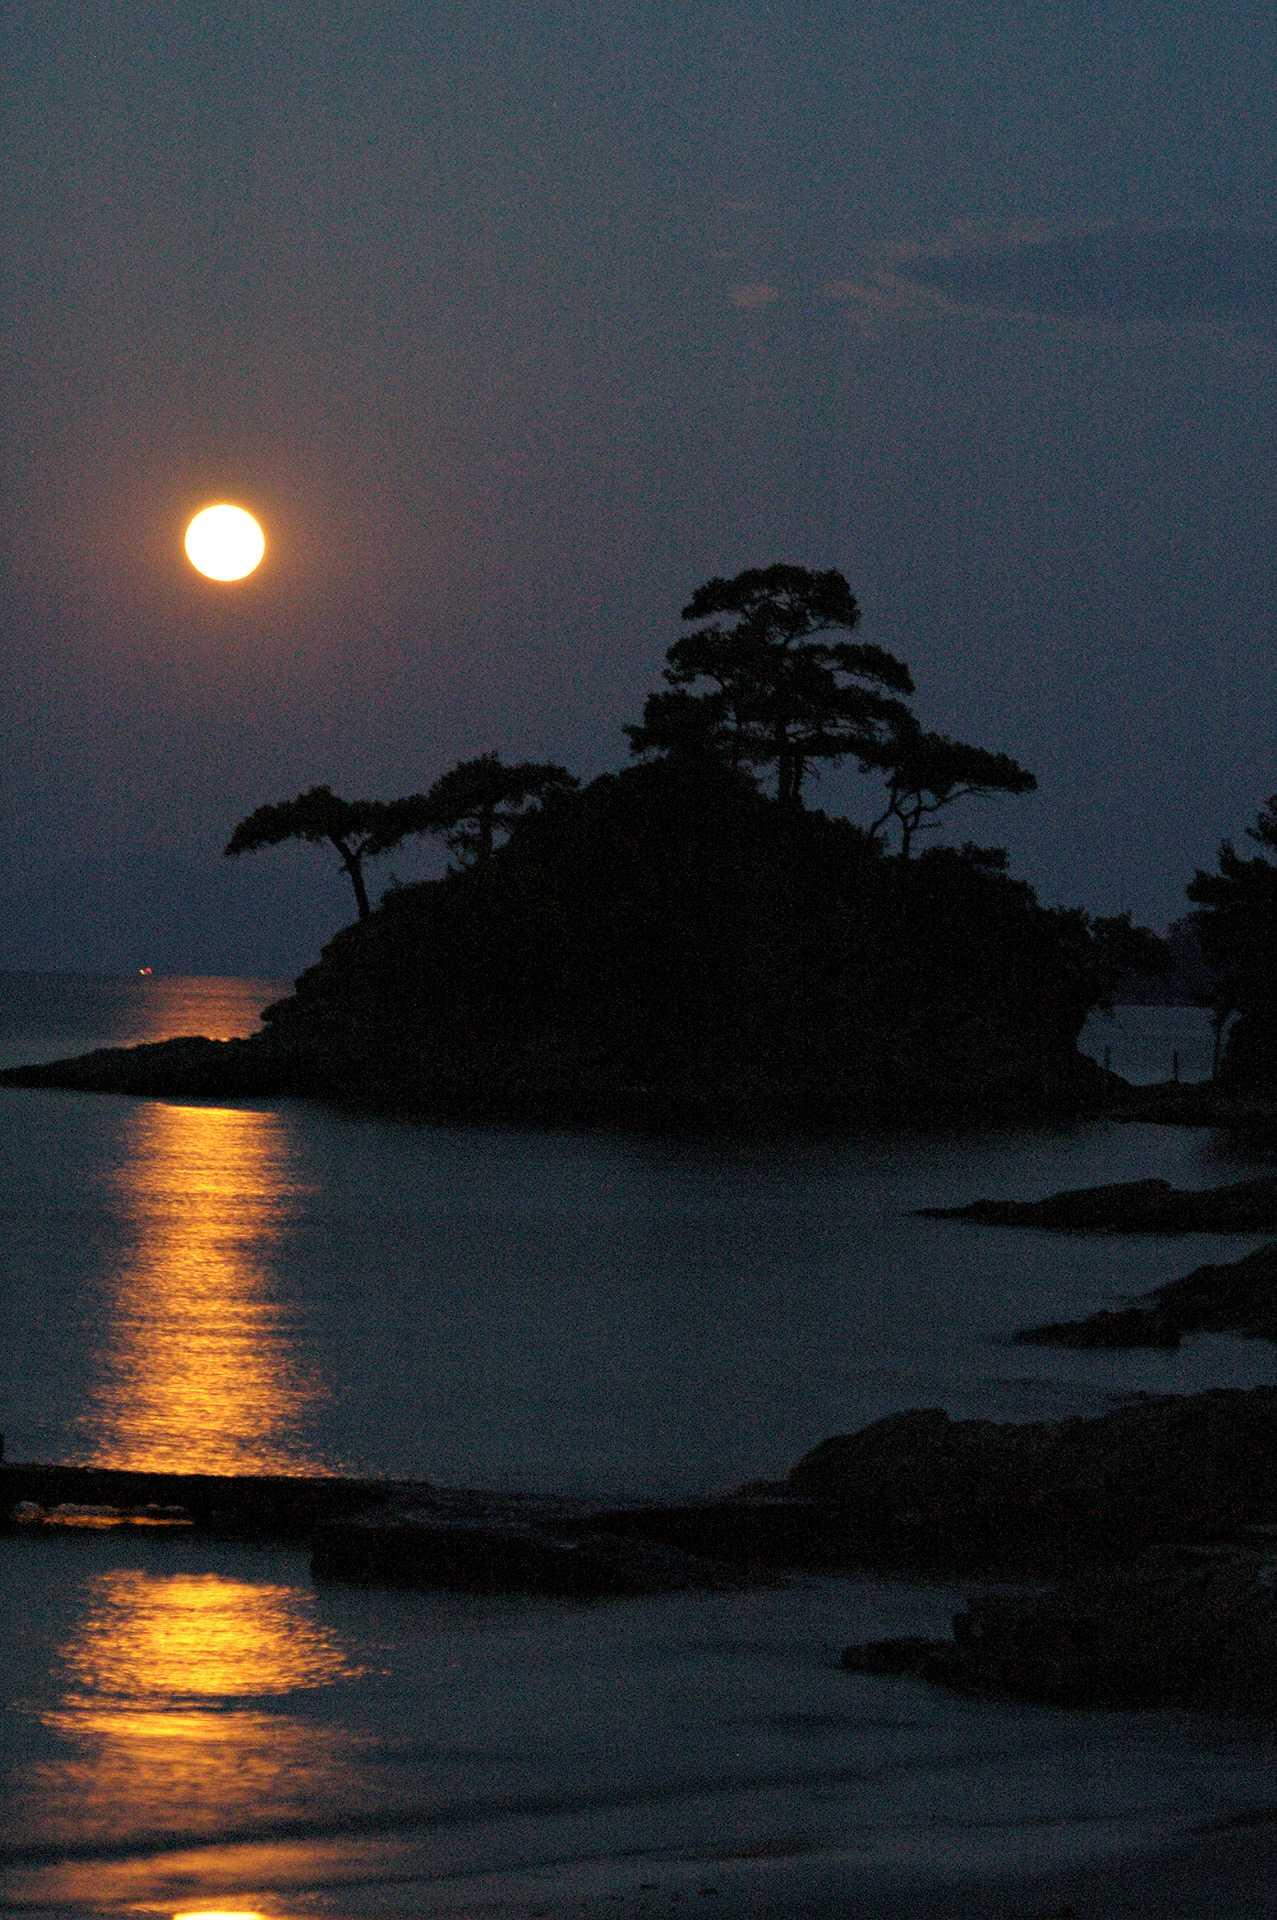 moon-island1848